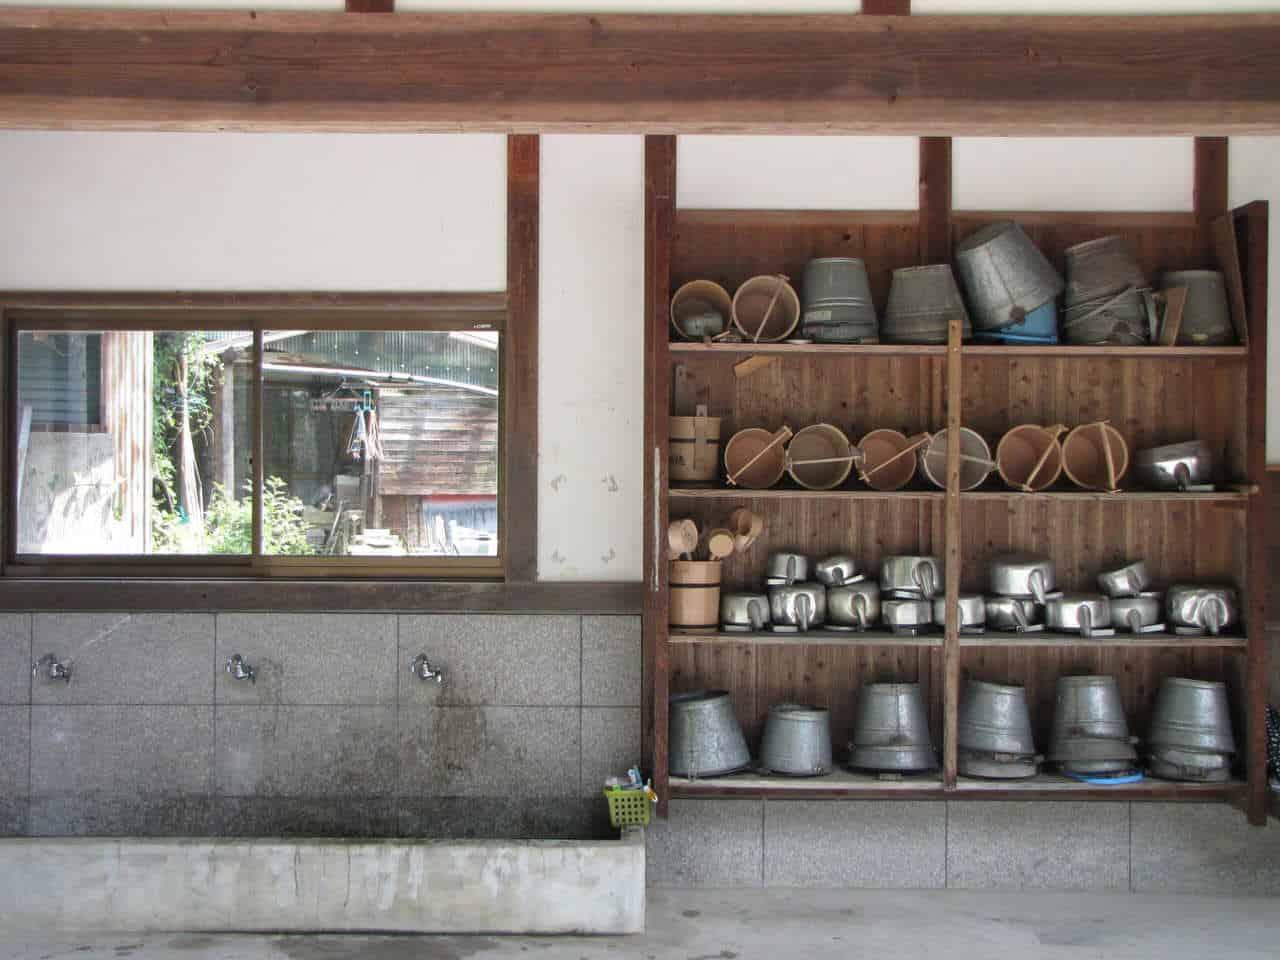 La muerte en Japón a lo largo de los años: espiritualidad y deuda moral